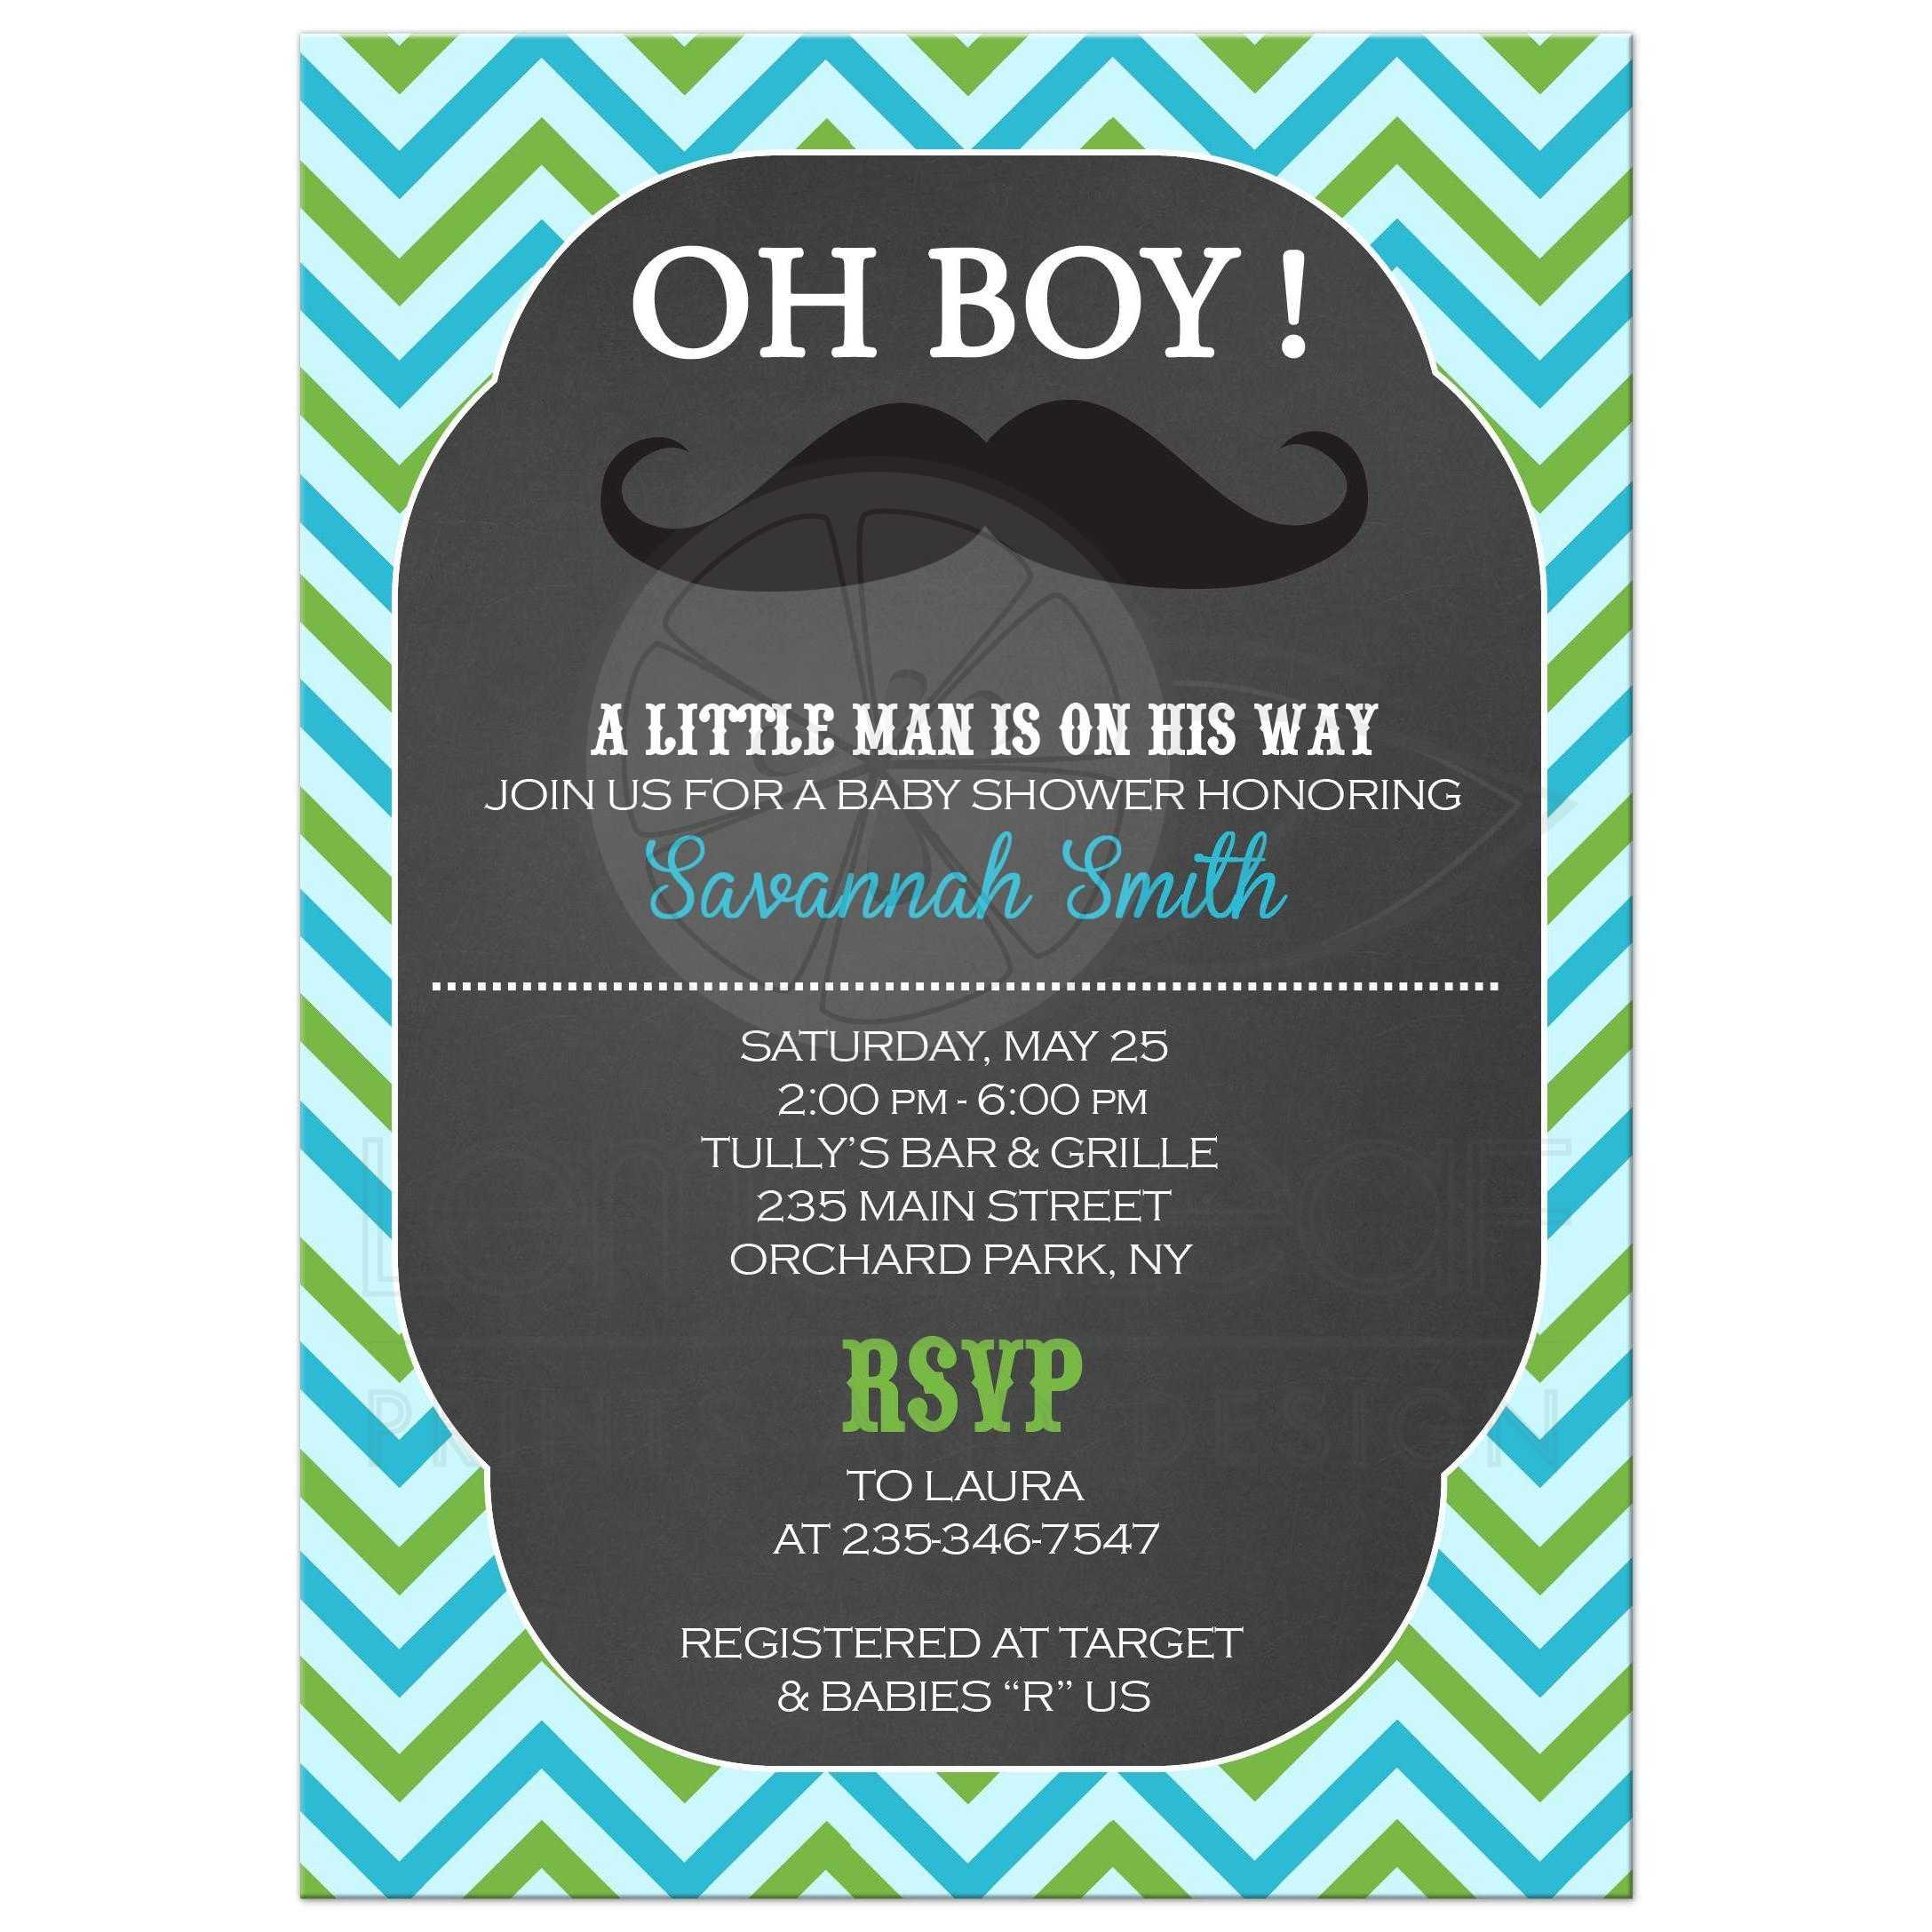 Mustache Little Man Chalkboard Baby Shower Invitation - Blue/Mint ...